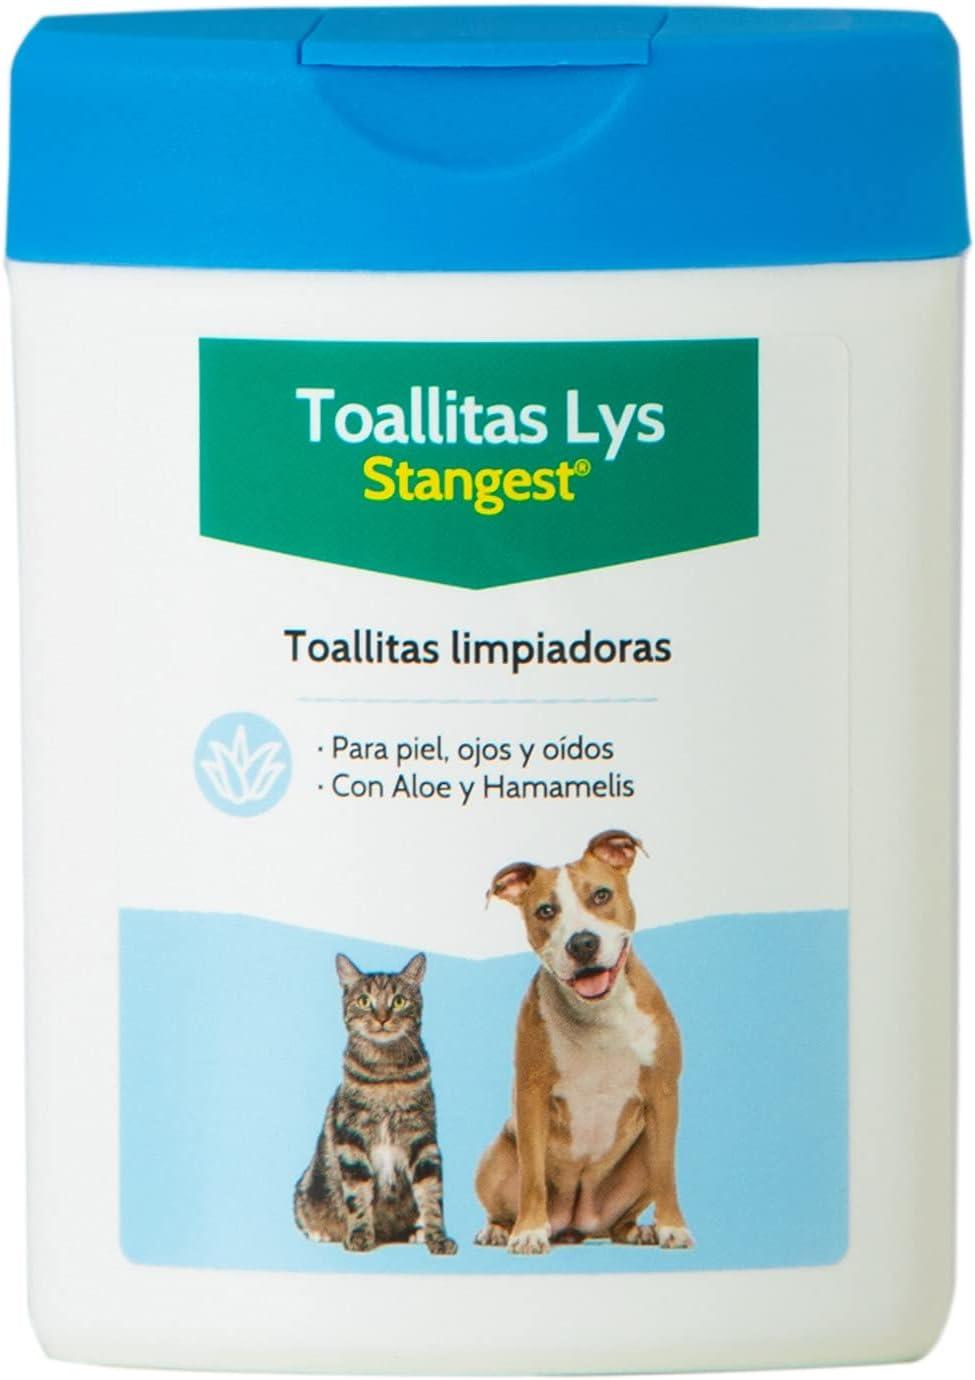 Stangest Toallitas Higiénicas LYS para Perros y Gatos   Limpieza Ojos, Oídos y Piel   Toallitas Limpiadoras con Aloe Vera y Agua Hamamelis   40 Unidades